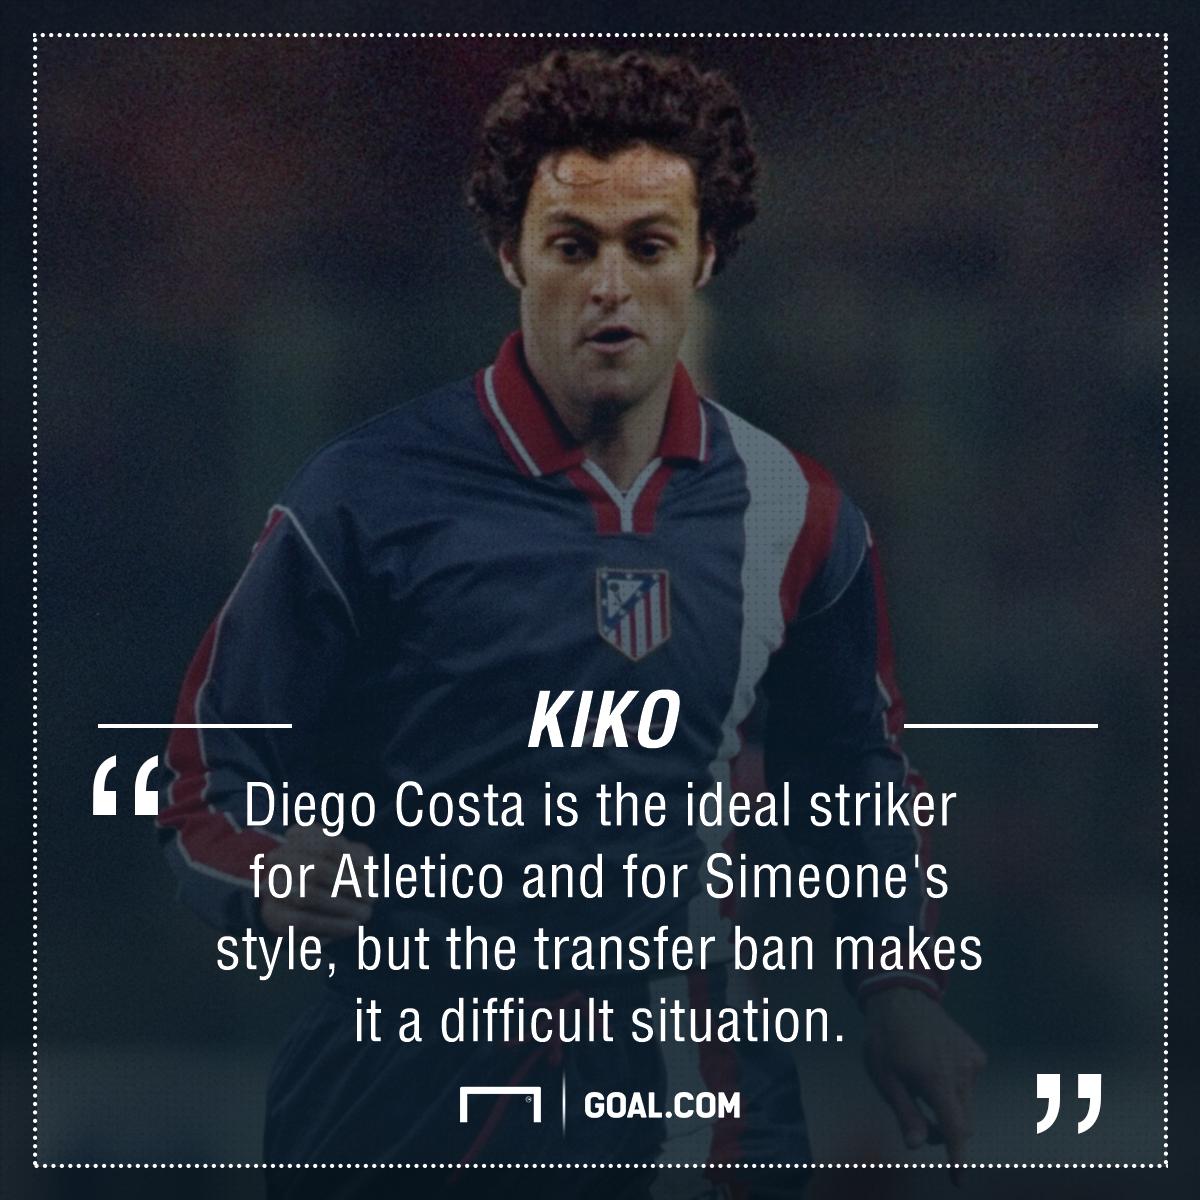 Kiko Diego Costa quote